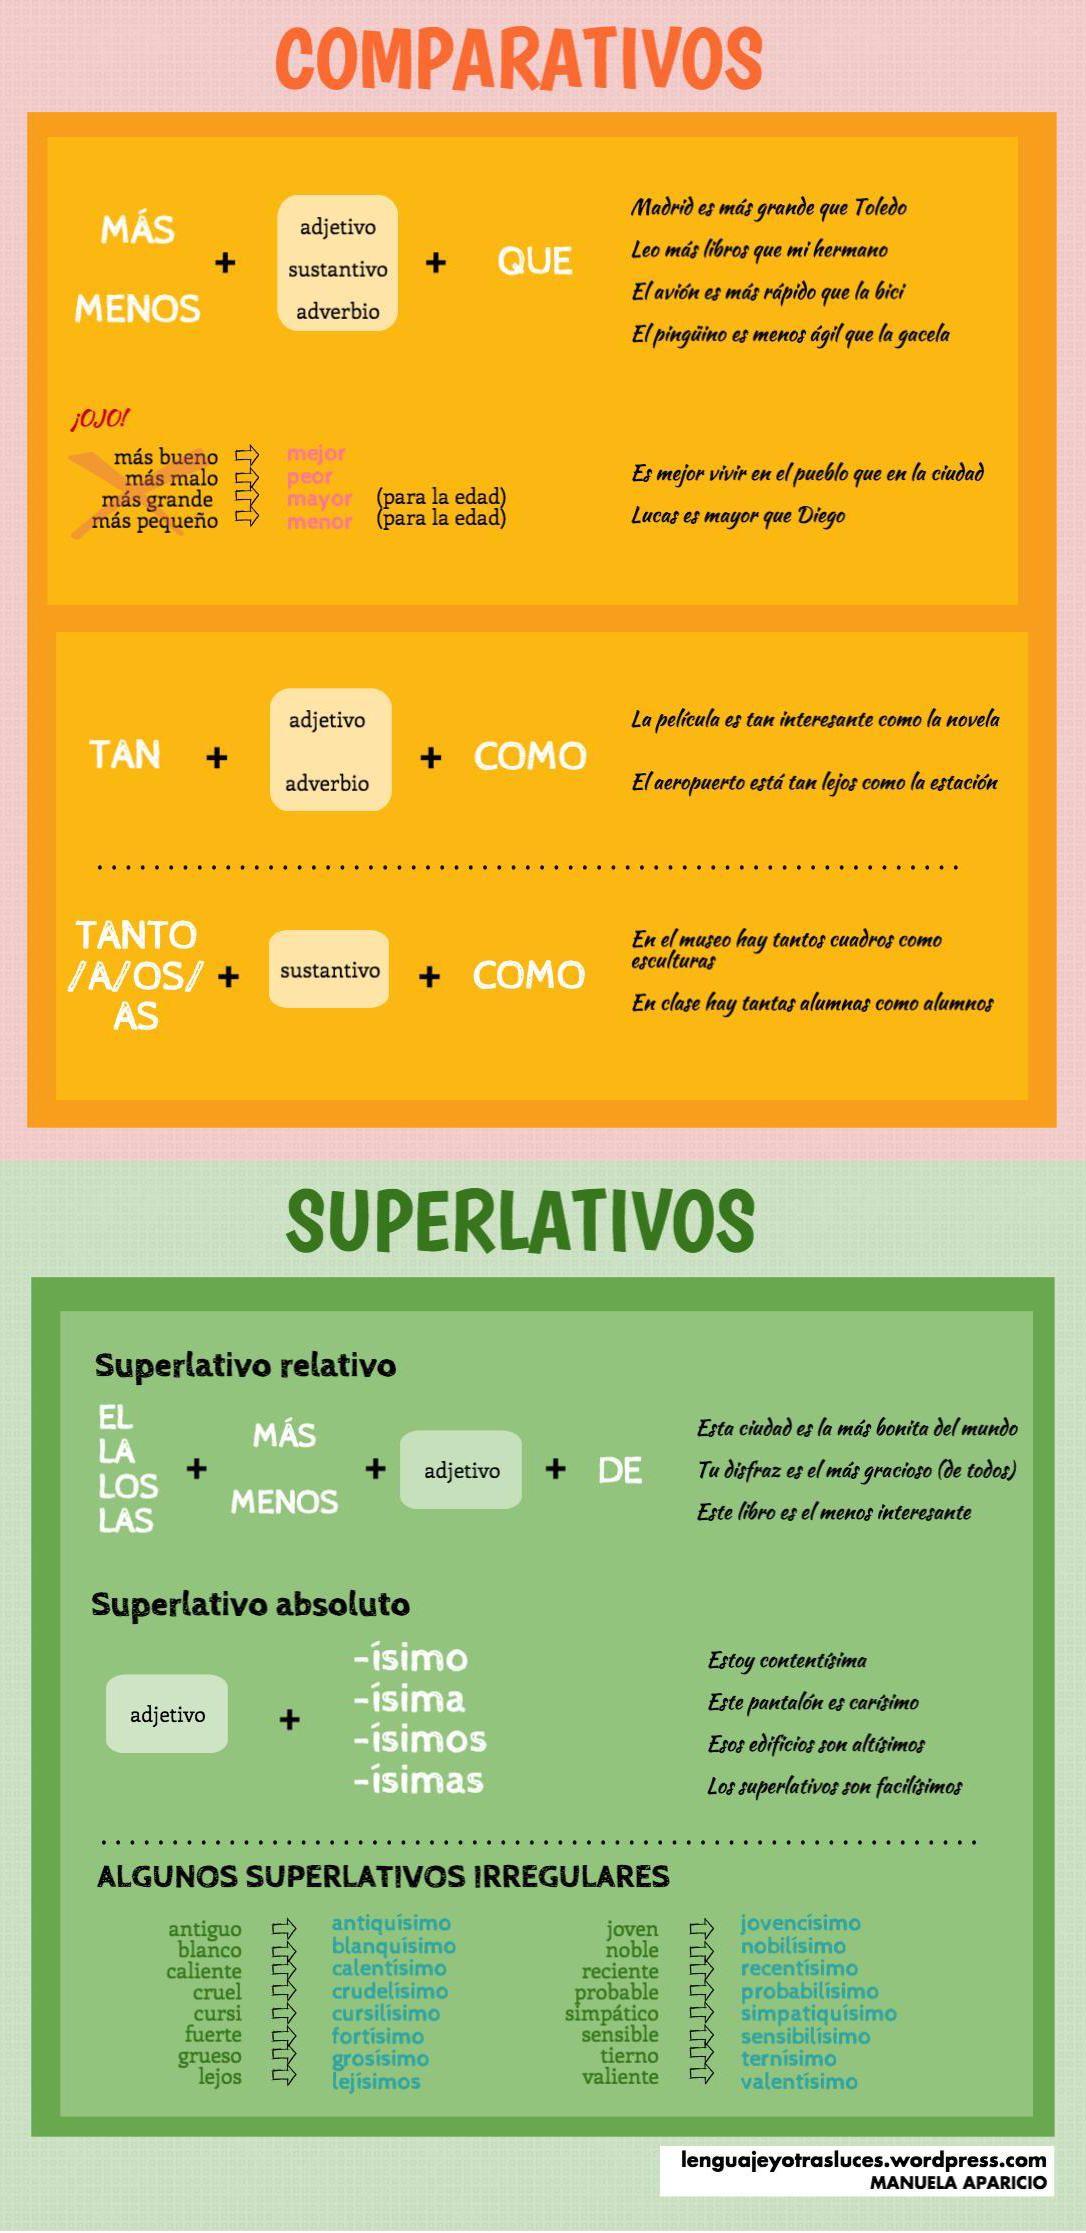 Comparativos y superlativos en español | Spanisch ...